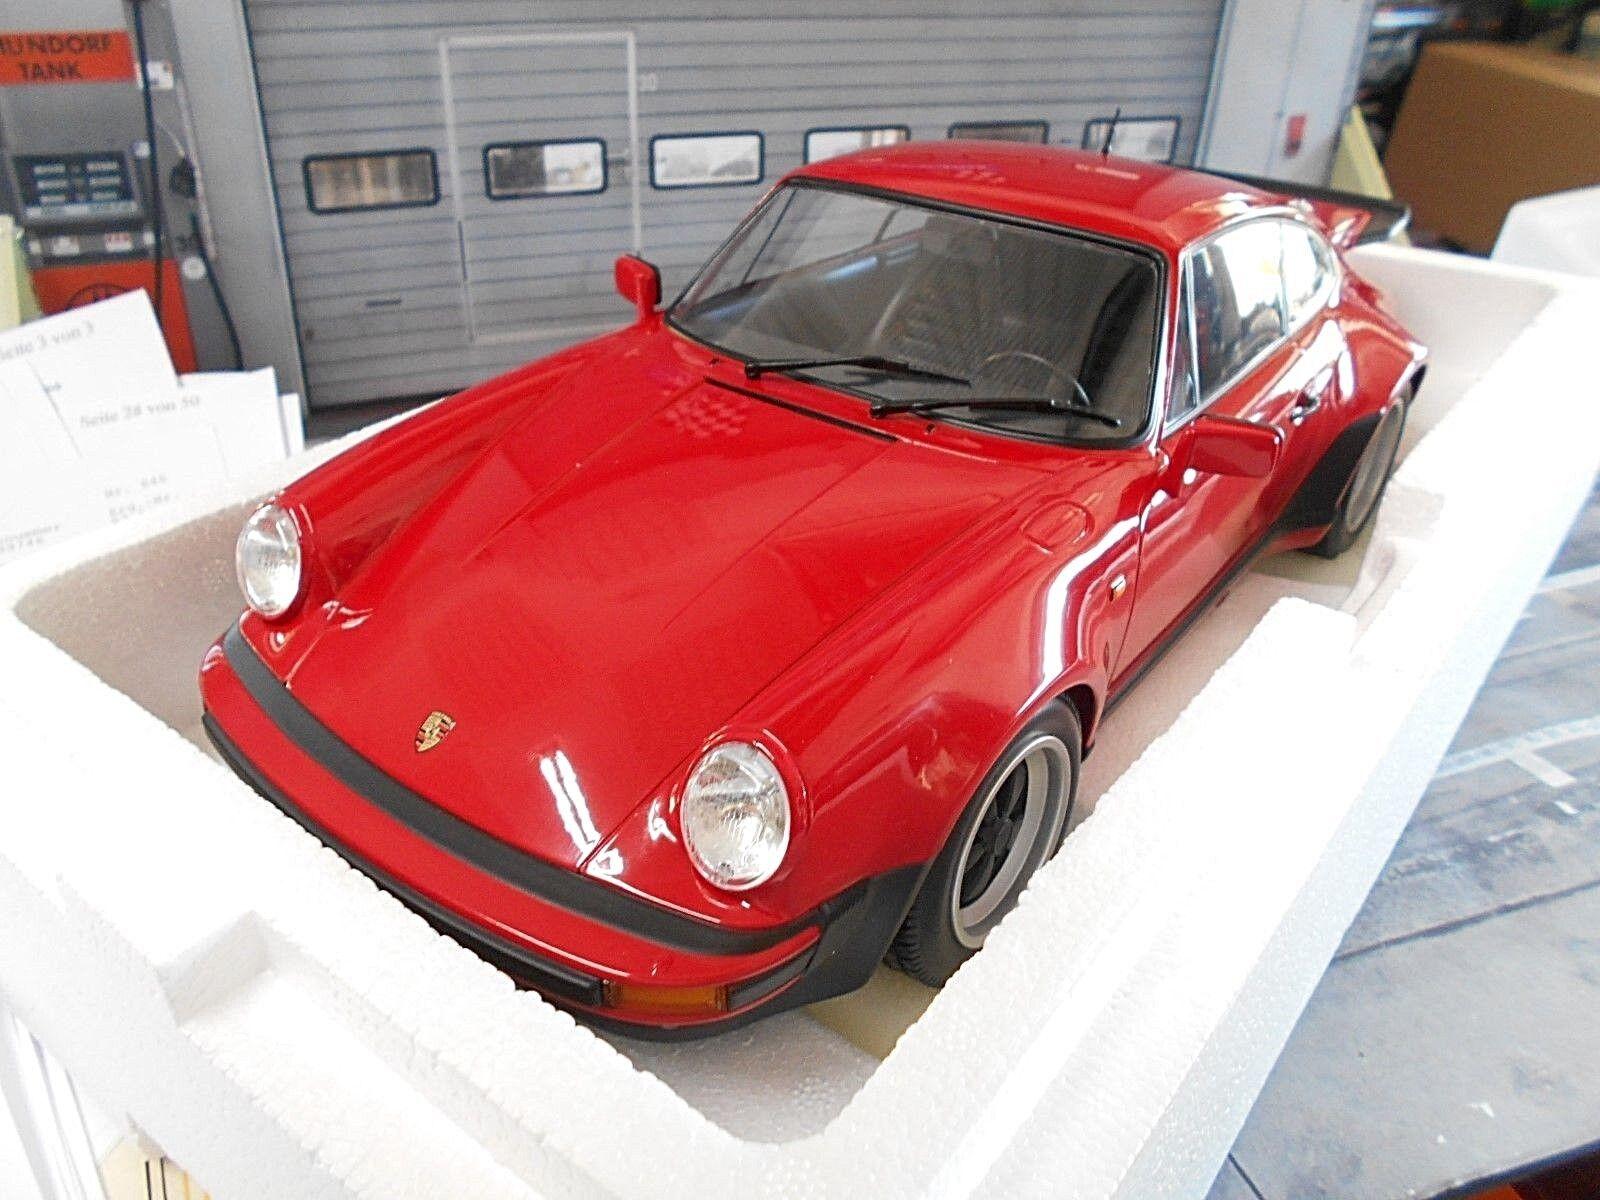 Porsche 911 930 Turbo Coupe rosso rosso 3.0 1976 Minichamps top rar enorme 1 12